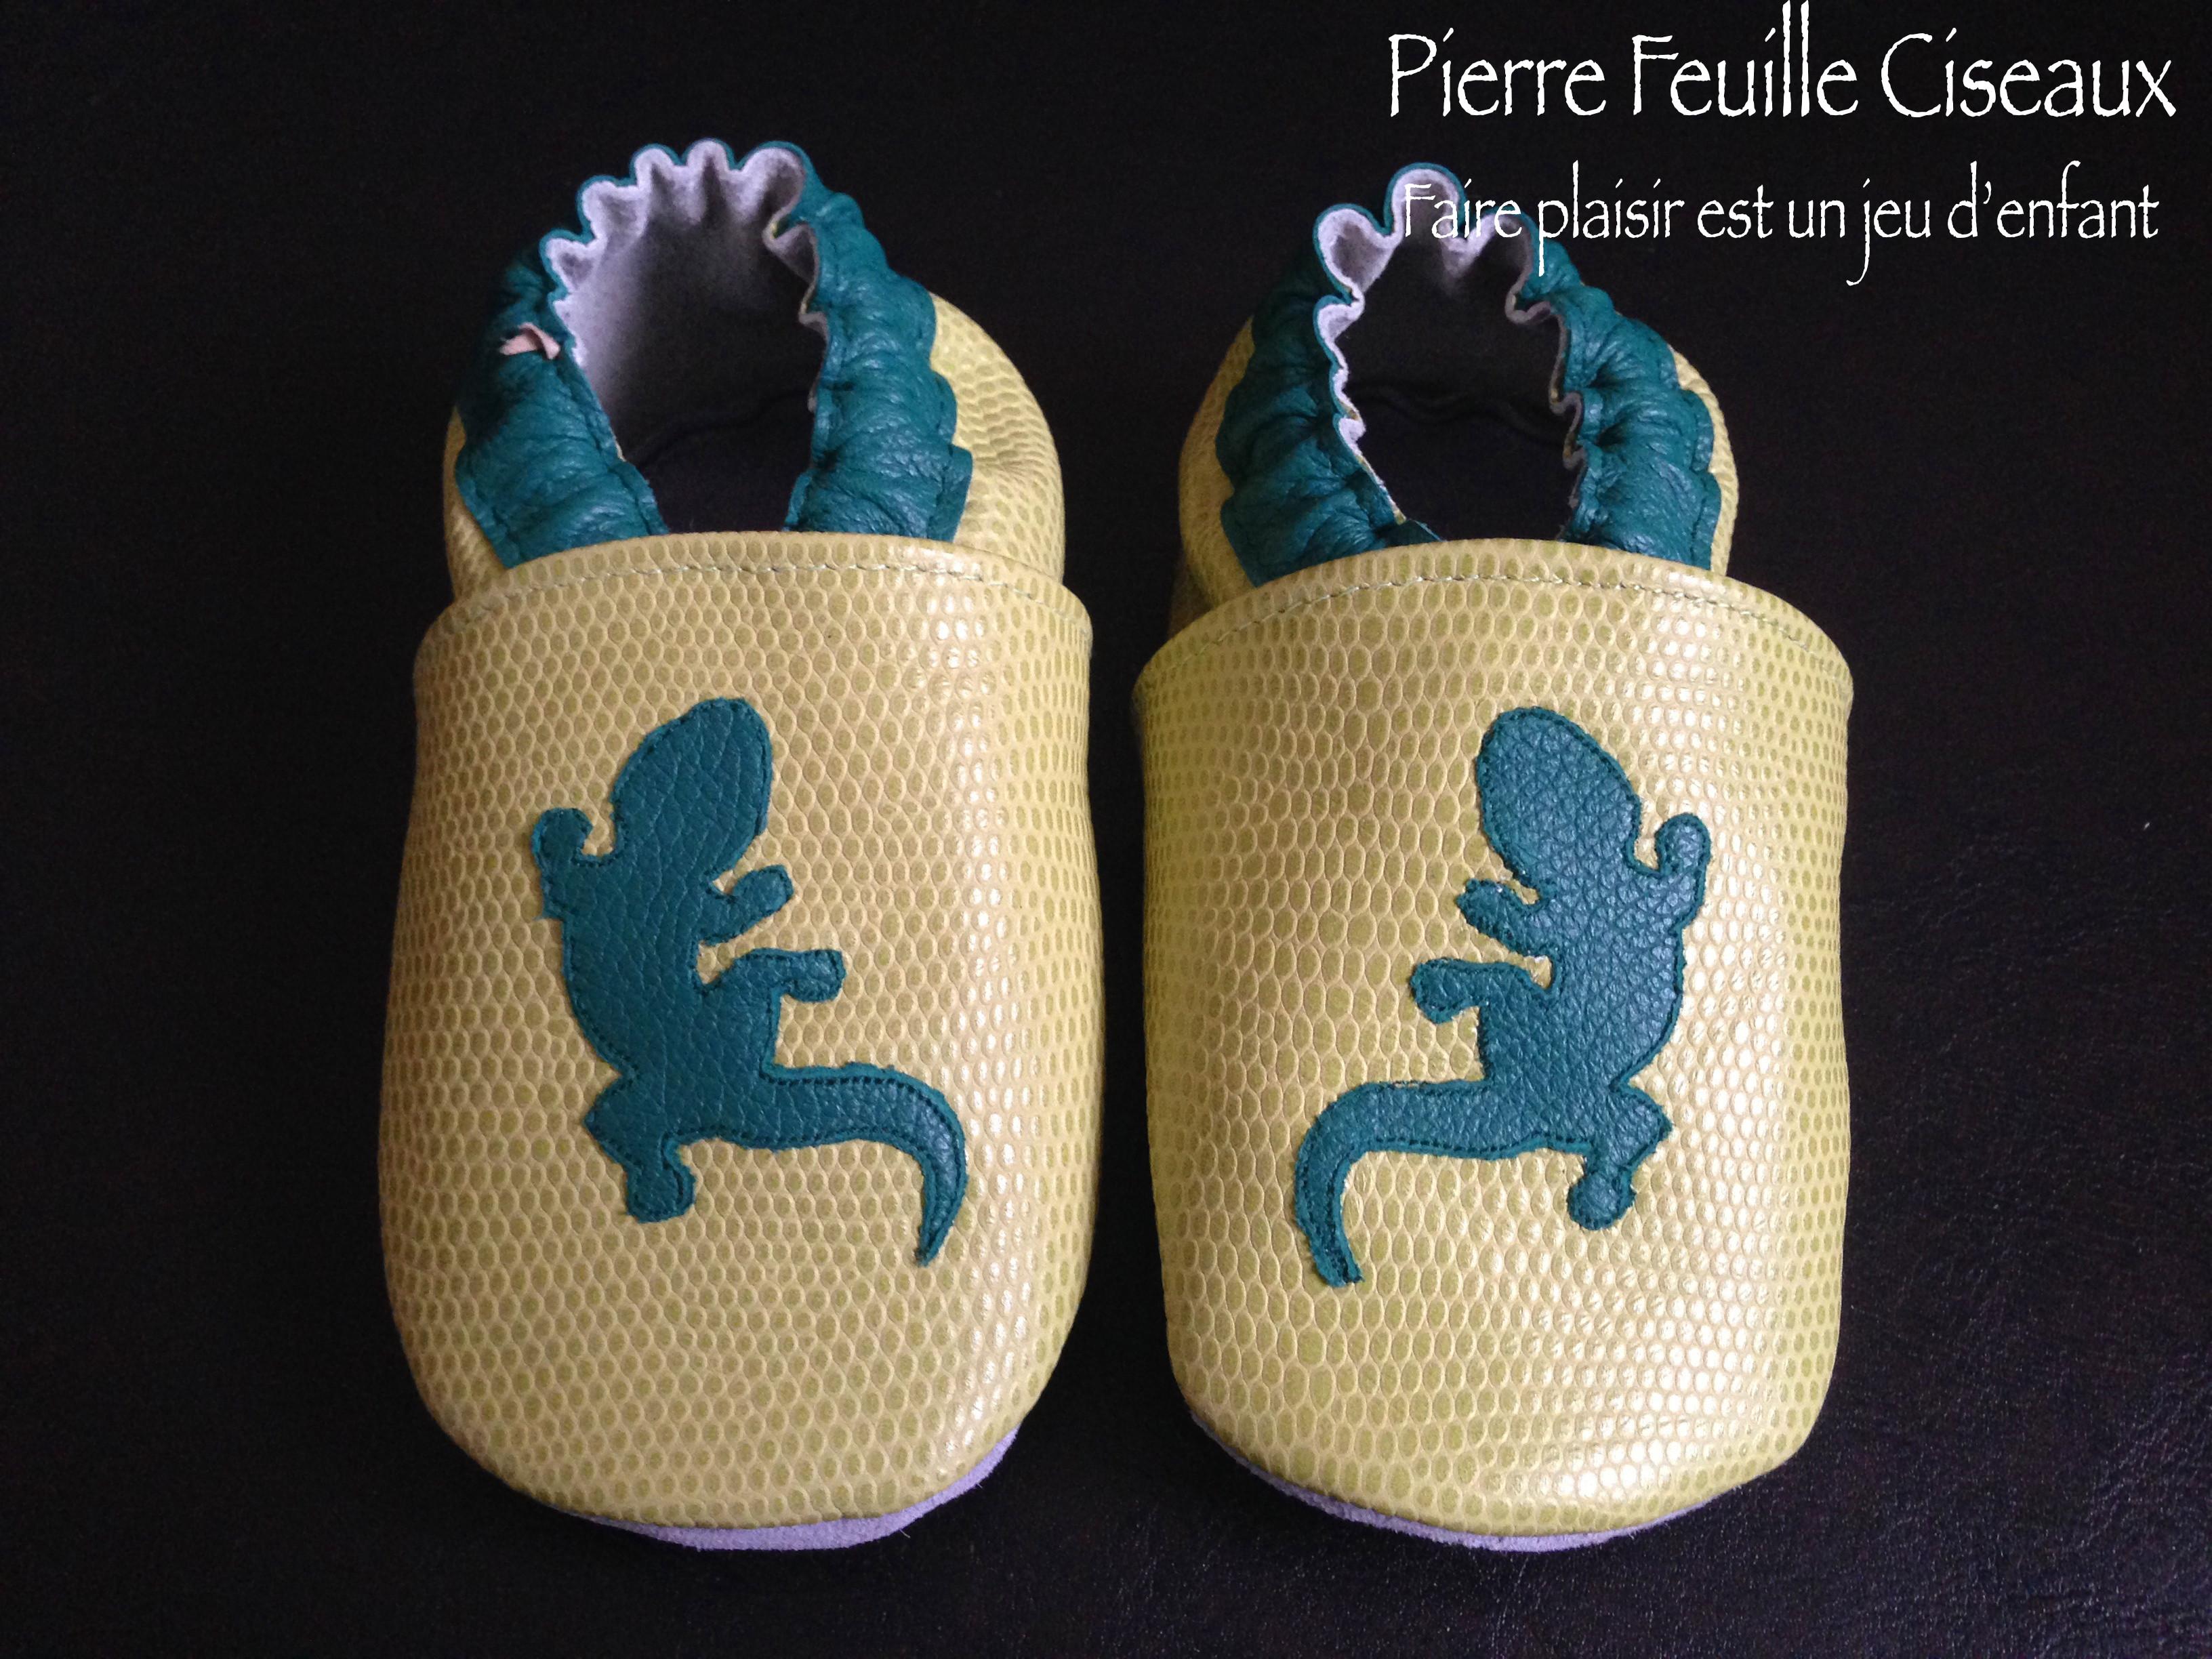 953cc111761a6 Chaussons en cuir souple verts - lézard - Pierre-Feuille-Ciseaux